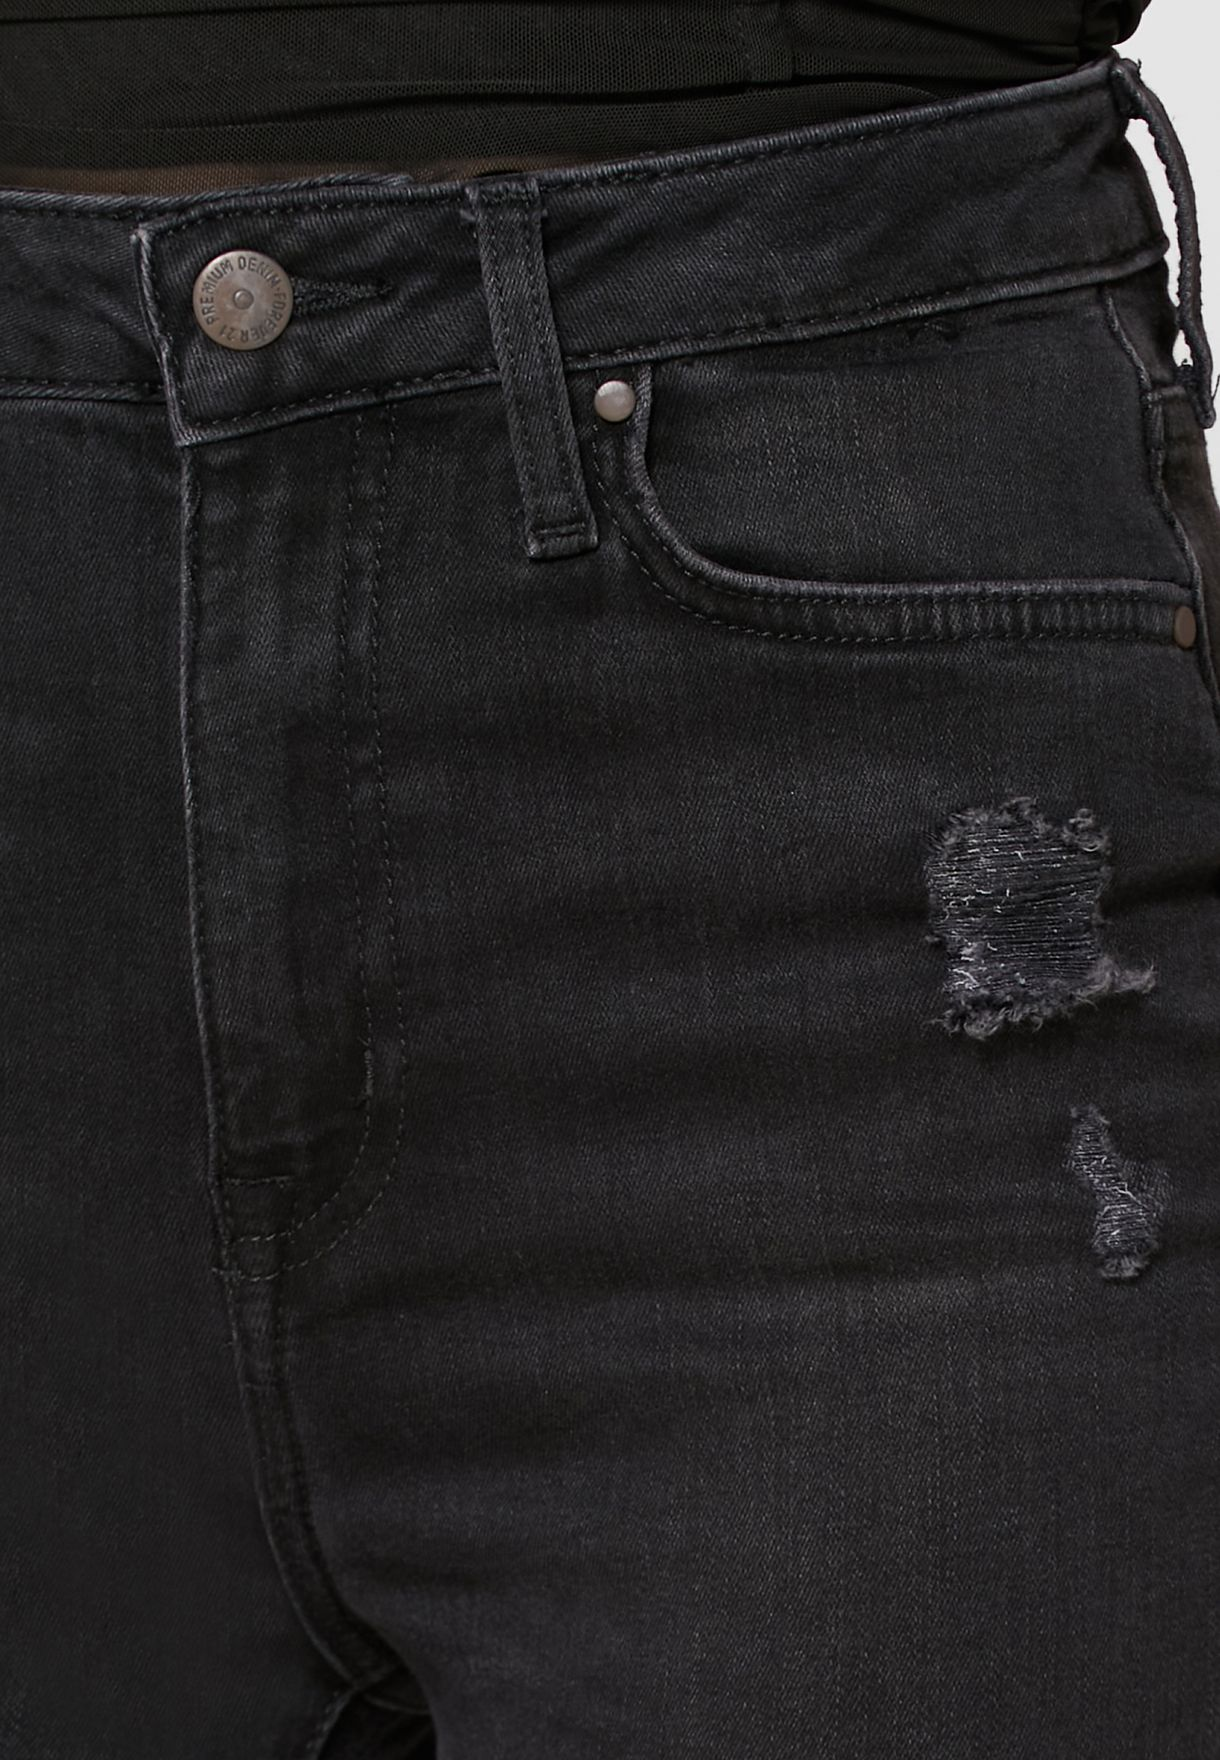 جينز سكيني بشقوق